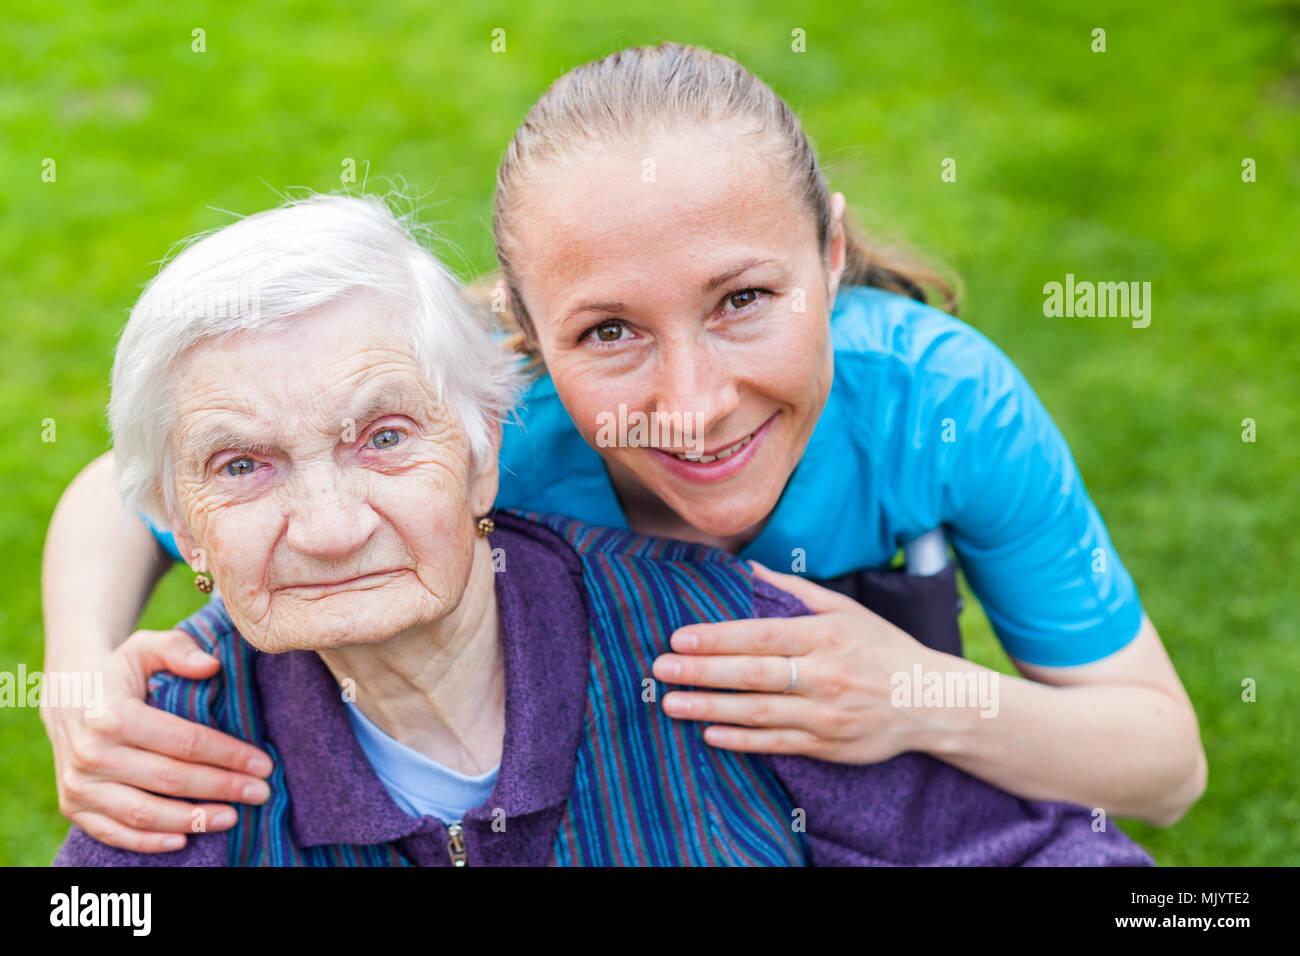 Portrait de personnes âgées handicapées femme assise dans un fauteuil roulant de passer du temps avec l'extérieur cheerful young caregiver Banque D'Images